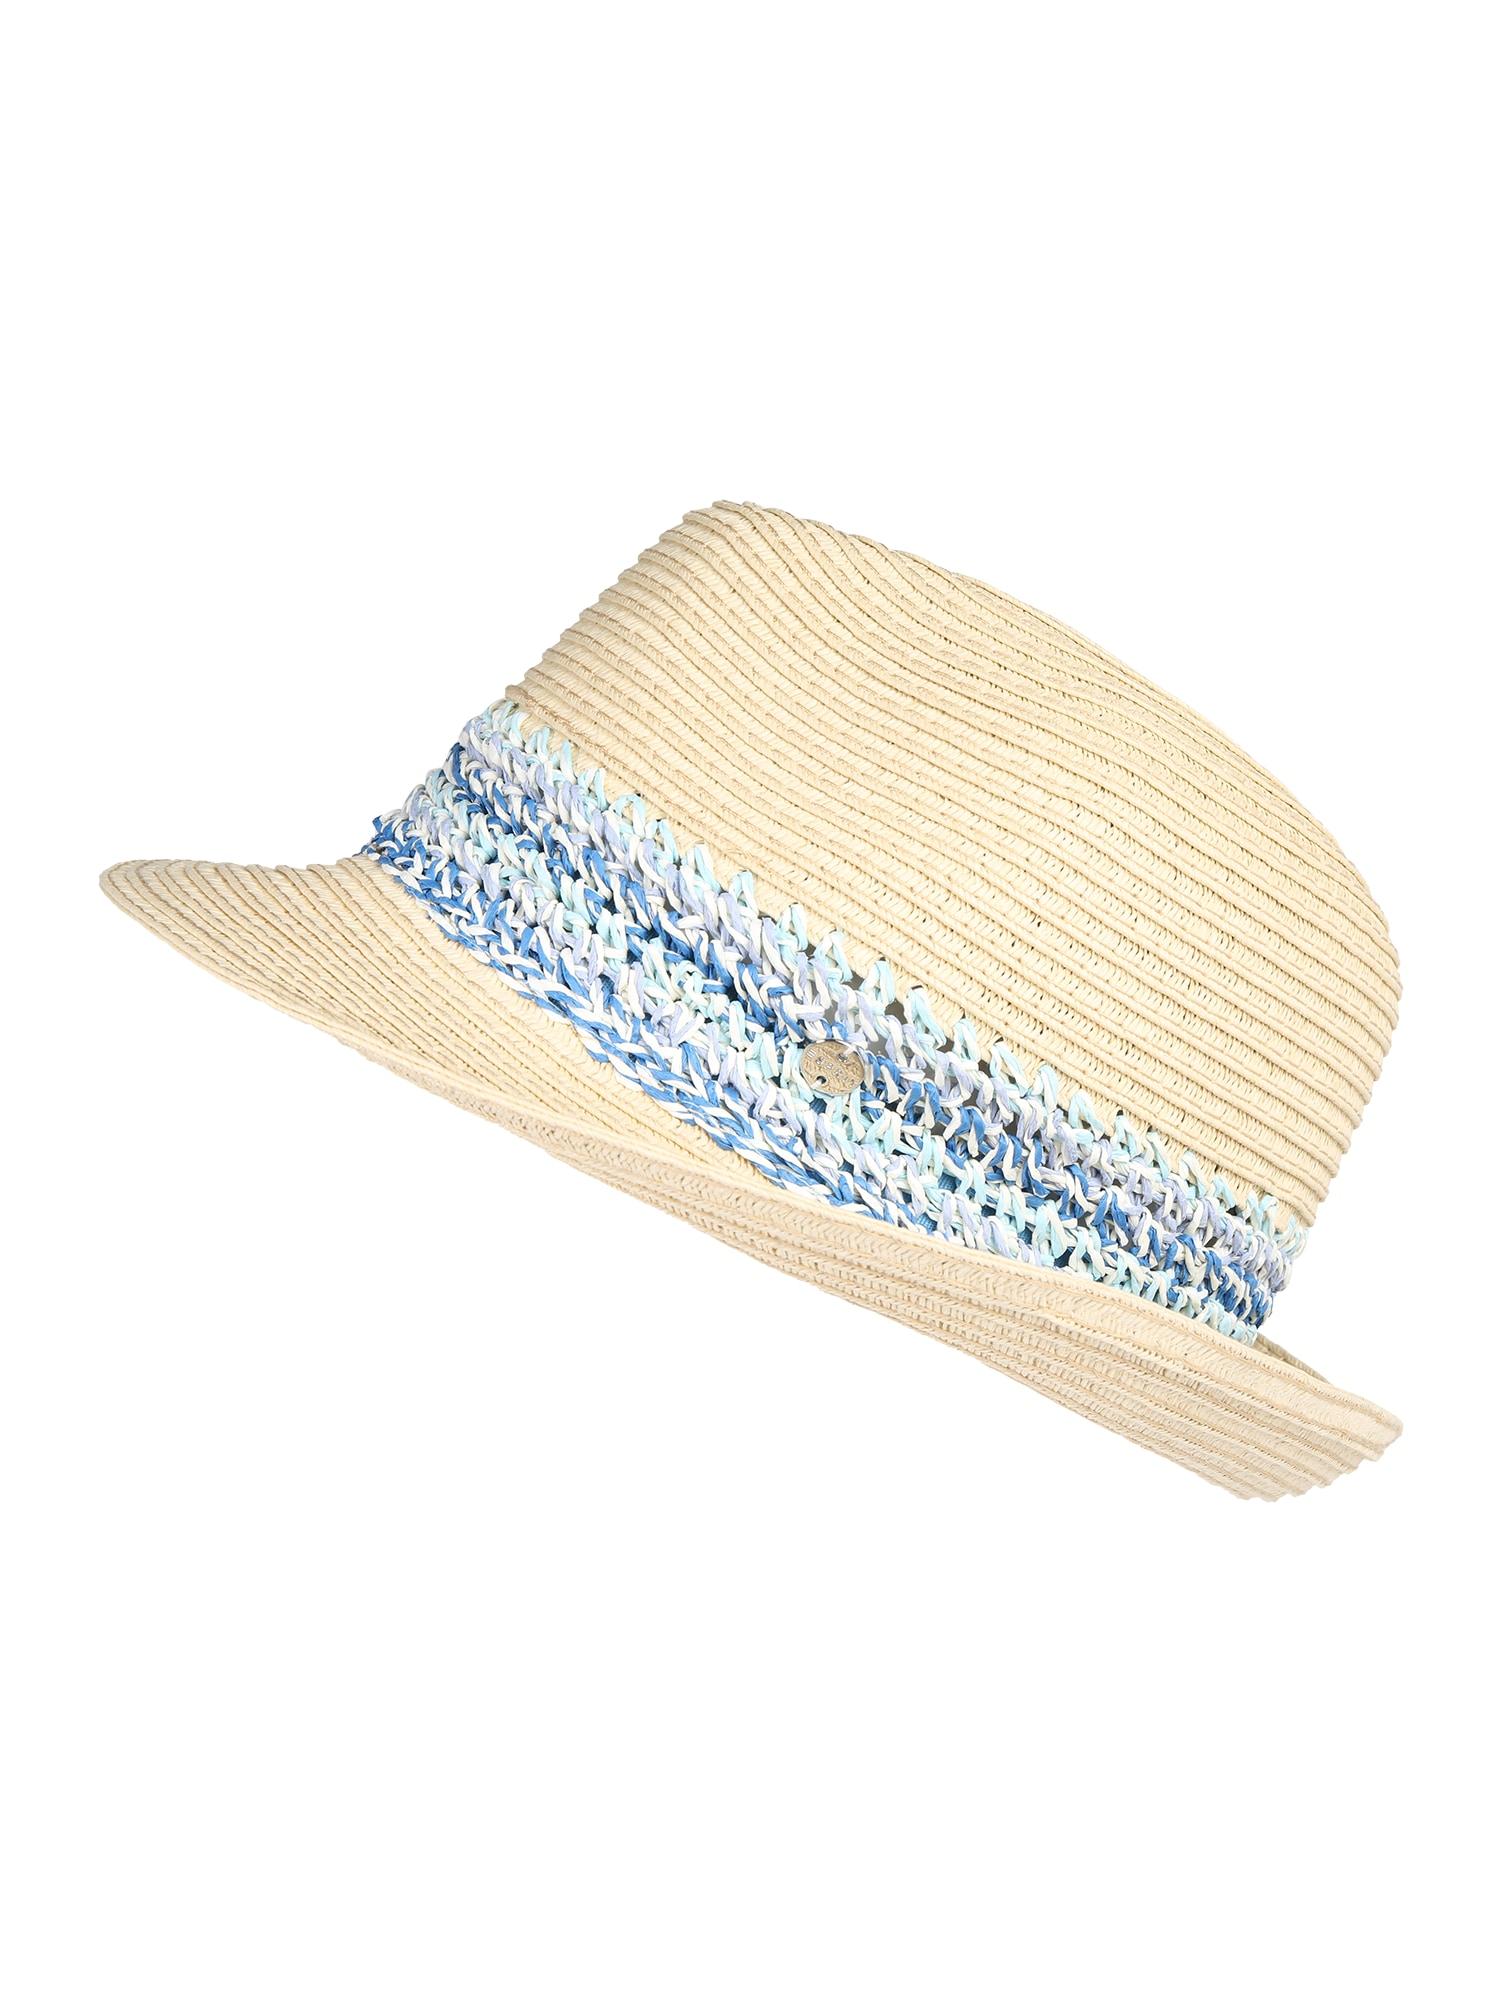 Klobouk CrochStrpTrillb béžová modrá ESPRIT